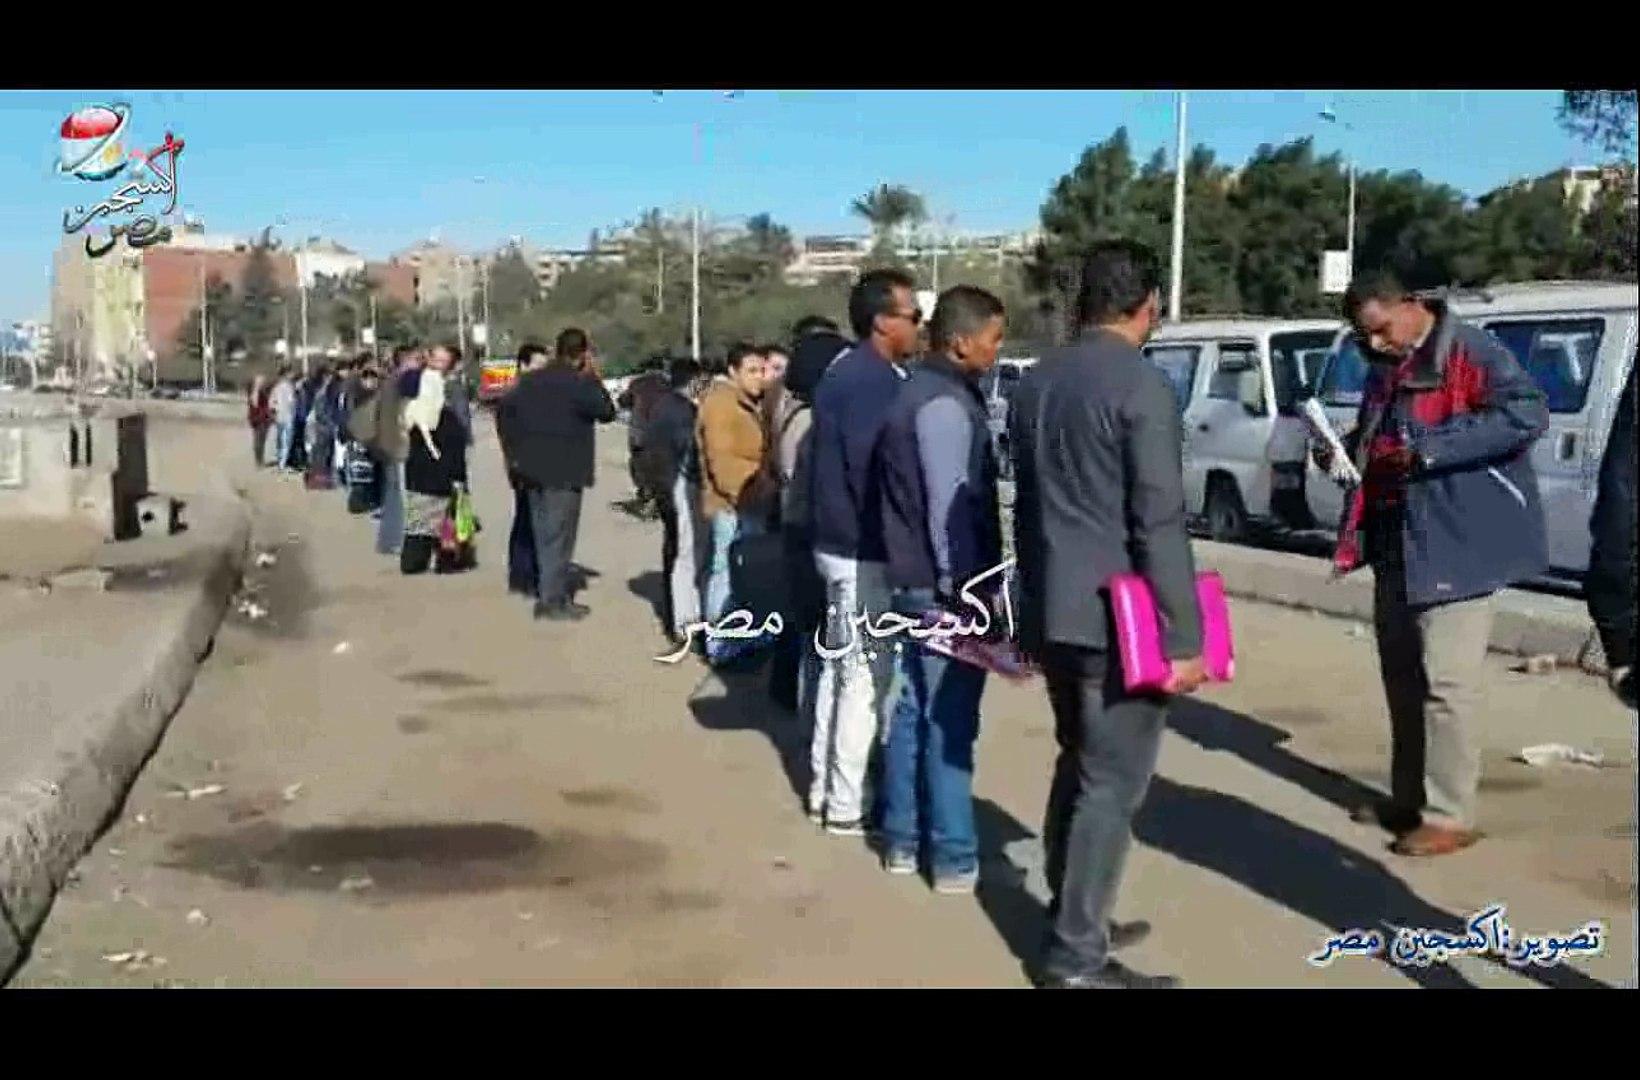 اجمل  طابور لانتظار الميكروباصات في مصر